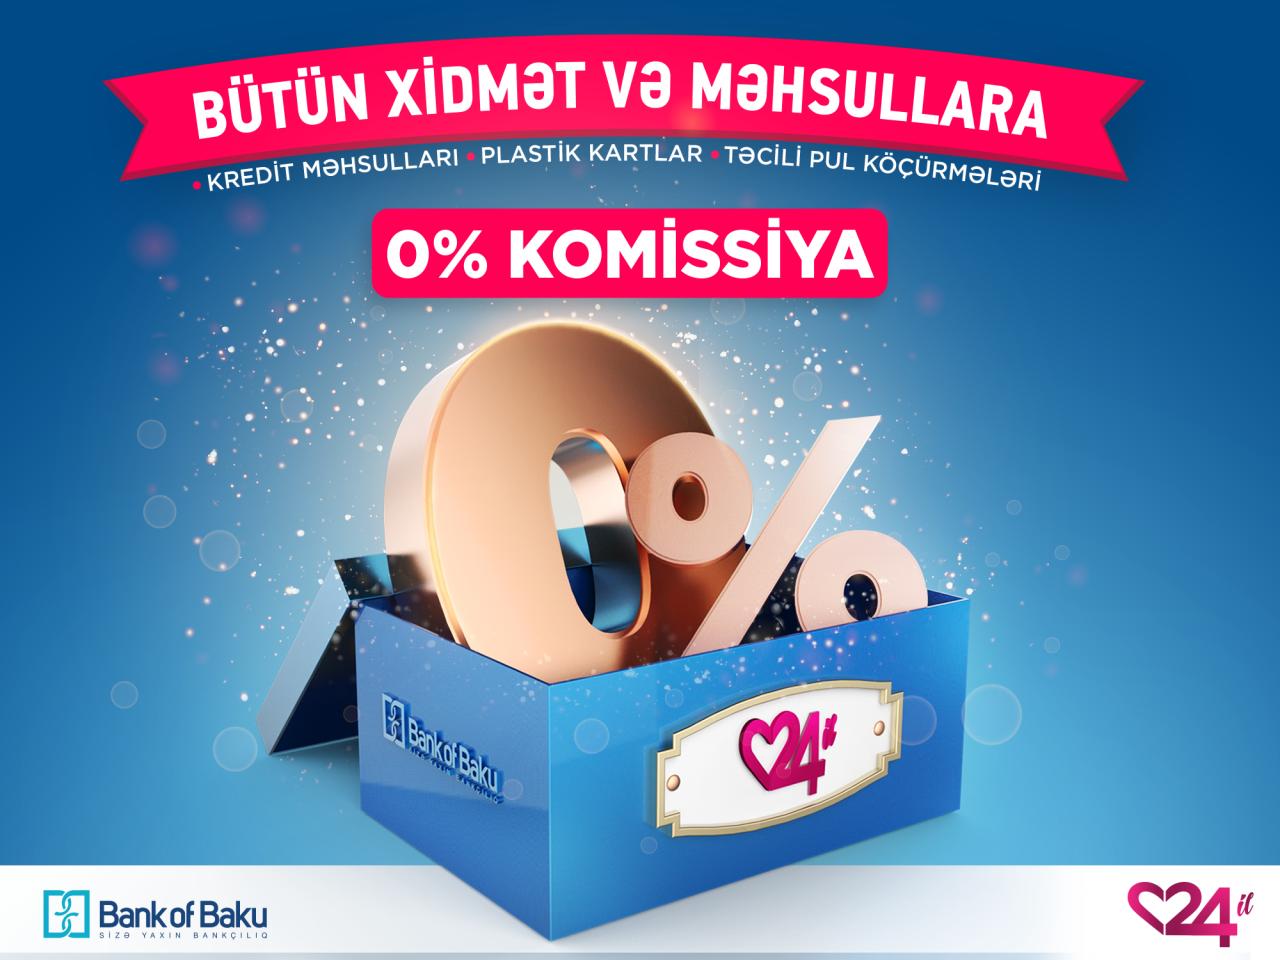 Bank of Baku-dan 24 yaşında müştərilərə HƏDİYYƏ - BÜTÜN XİDMƏT VƏ MƏHSULLAR 0% KOMİSSİYA İLƏ!